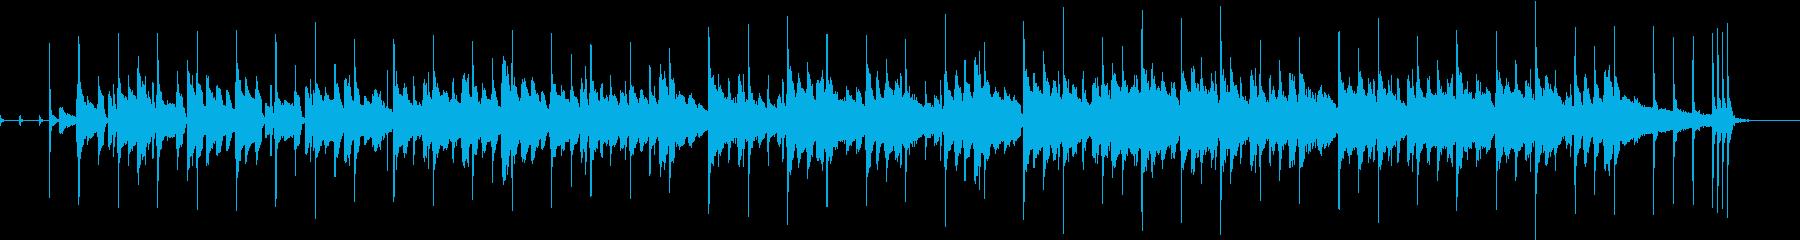 ピアノメインのほのぼのあつ森感ポップスの再生済みの波形